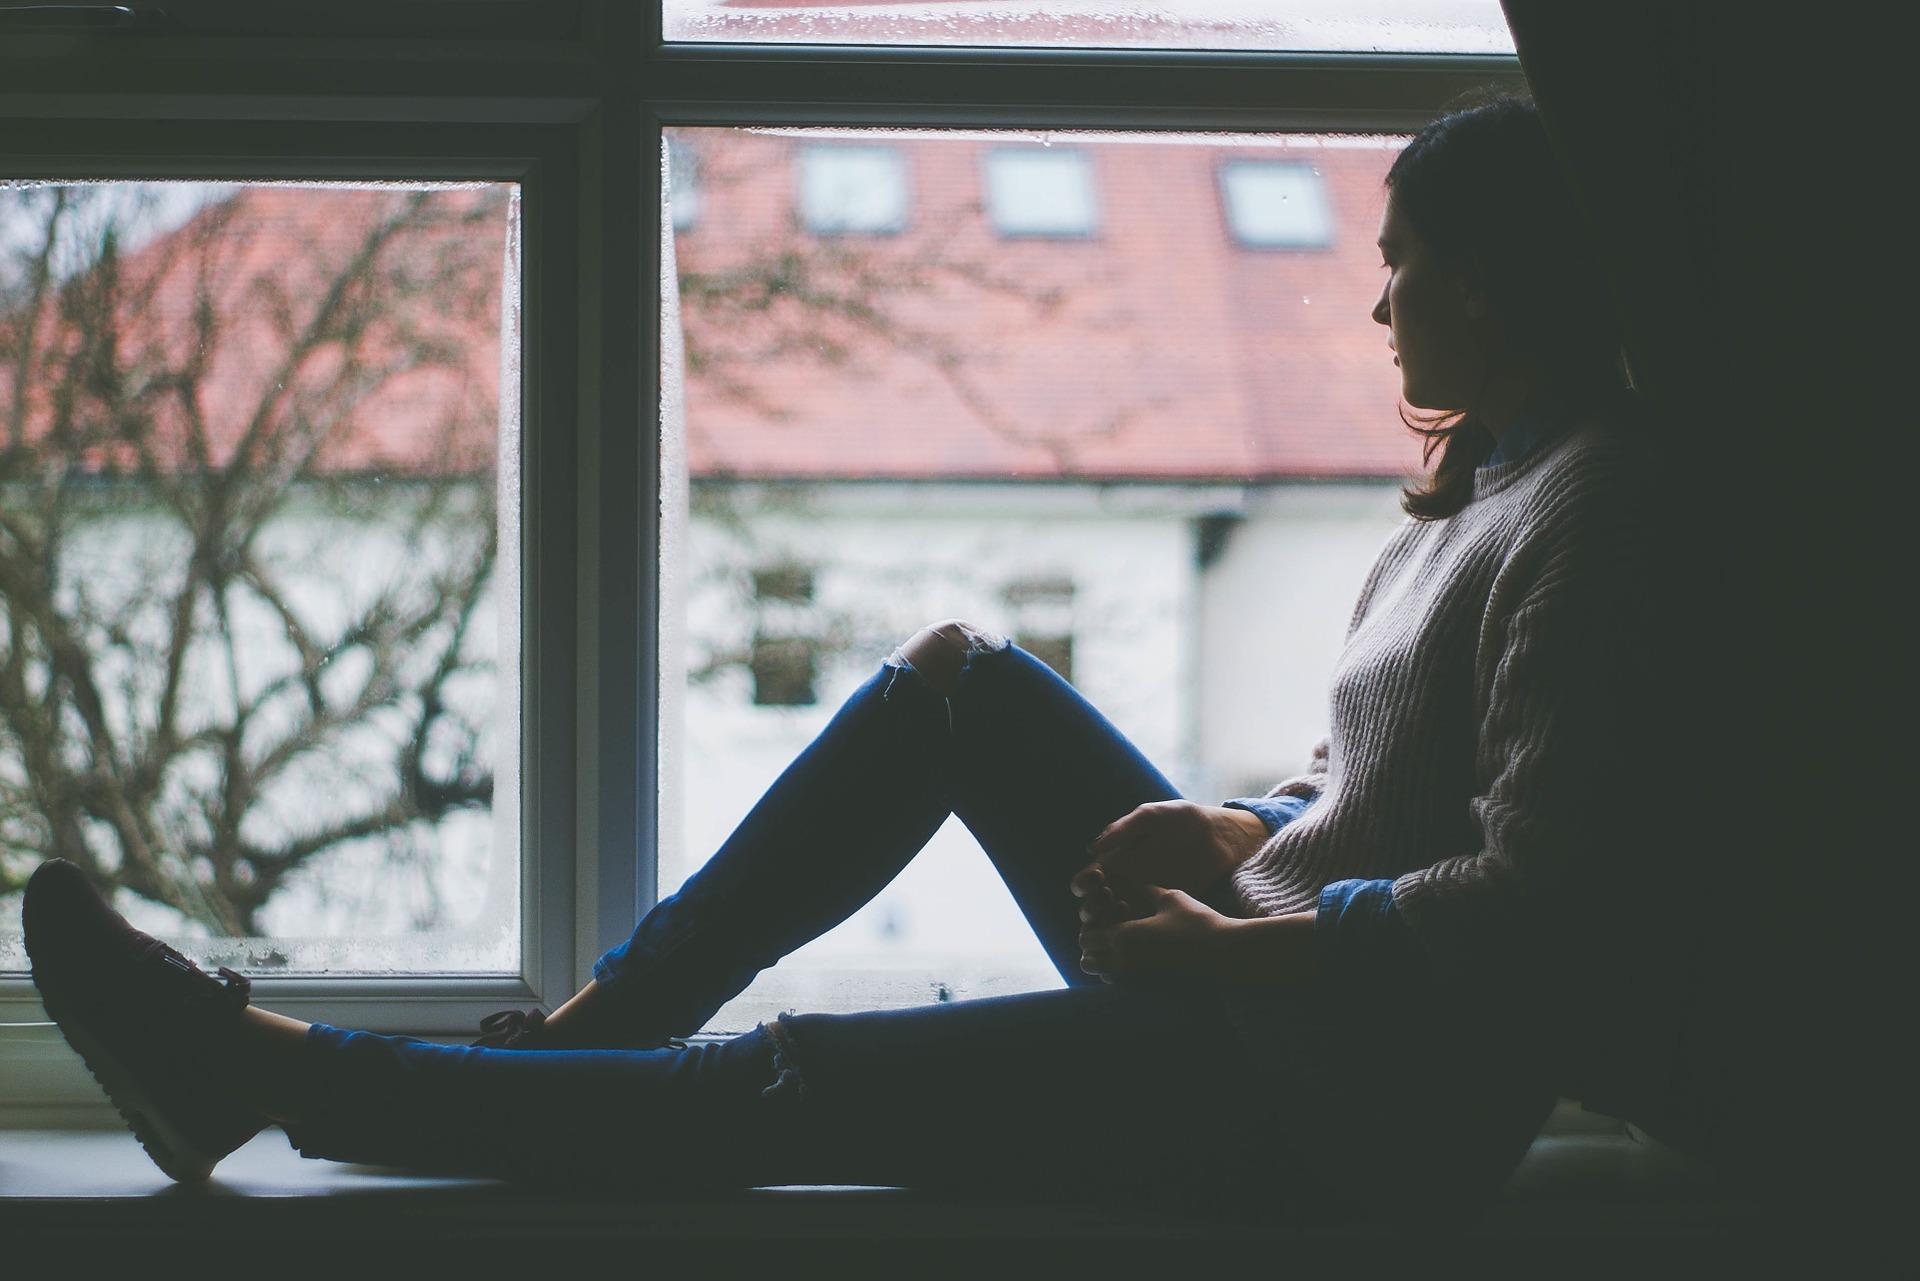 Woman sitting in the window